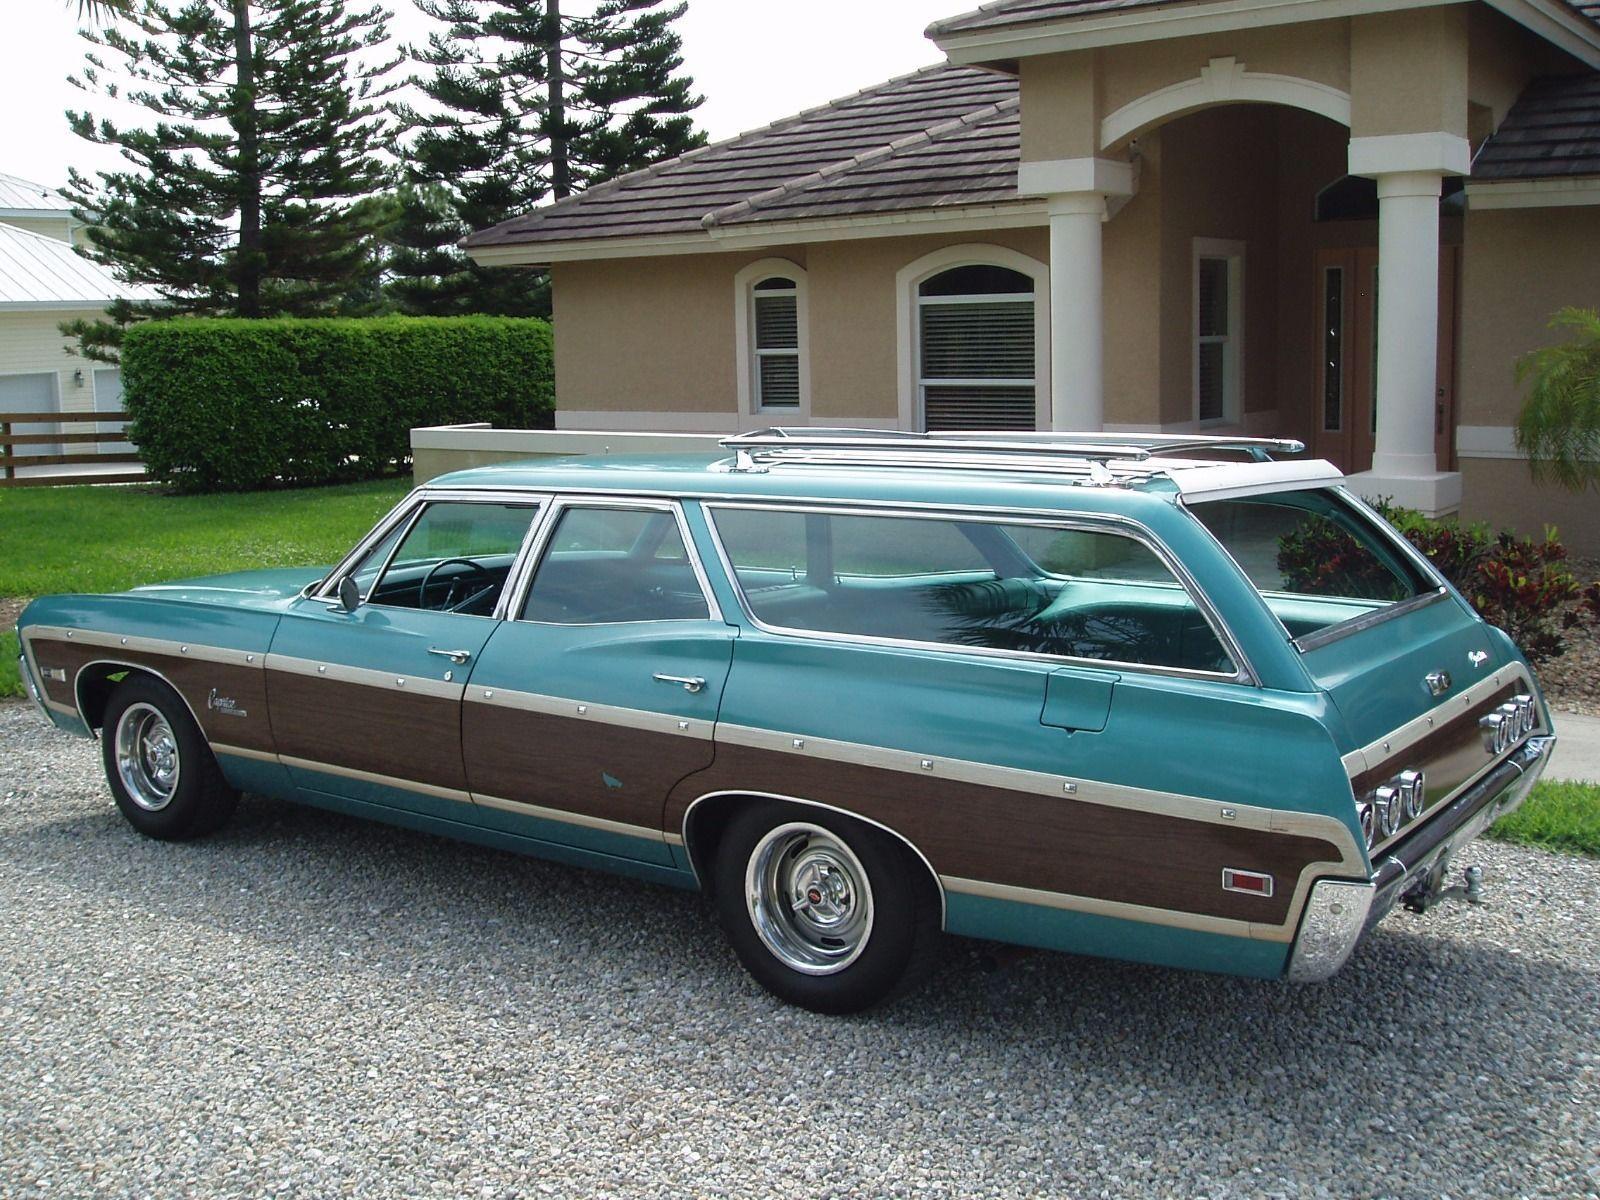 Chevrolet Caprice Wagon Chevrolet Wagon Chevrolet Caprice